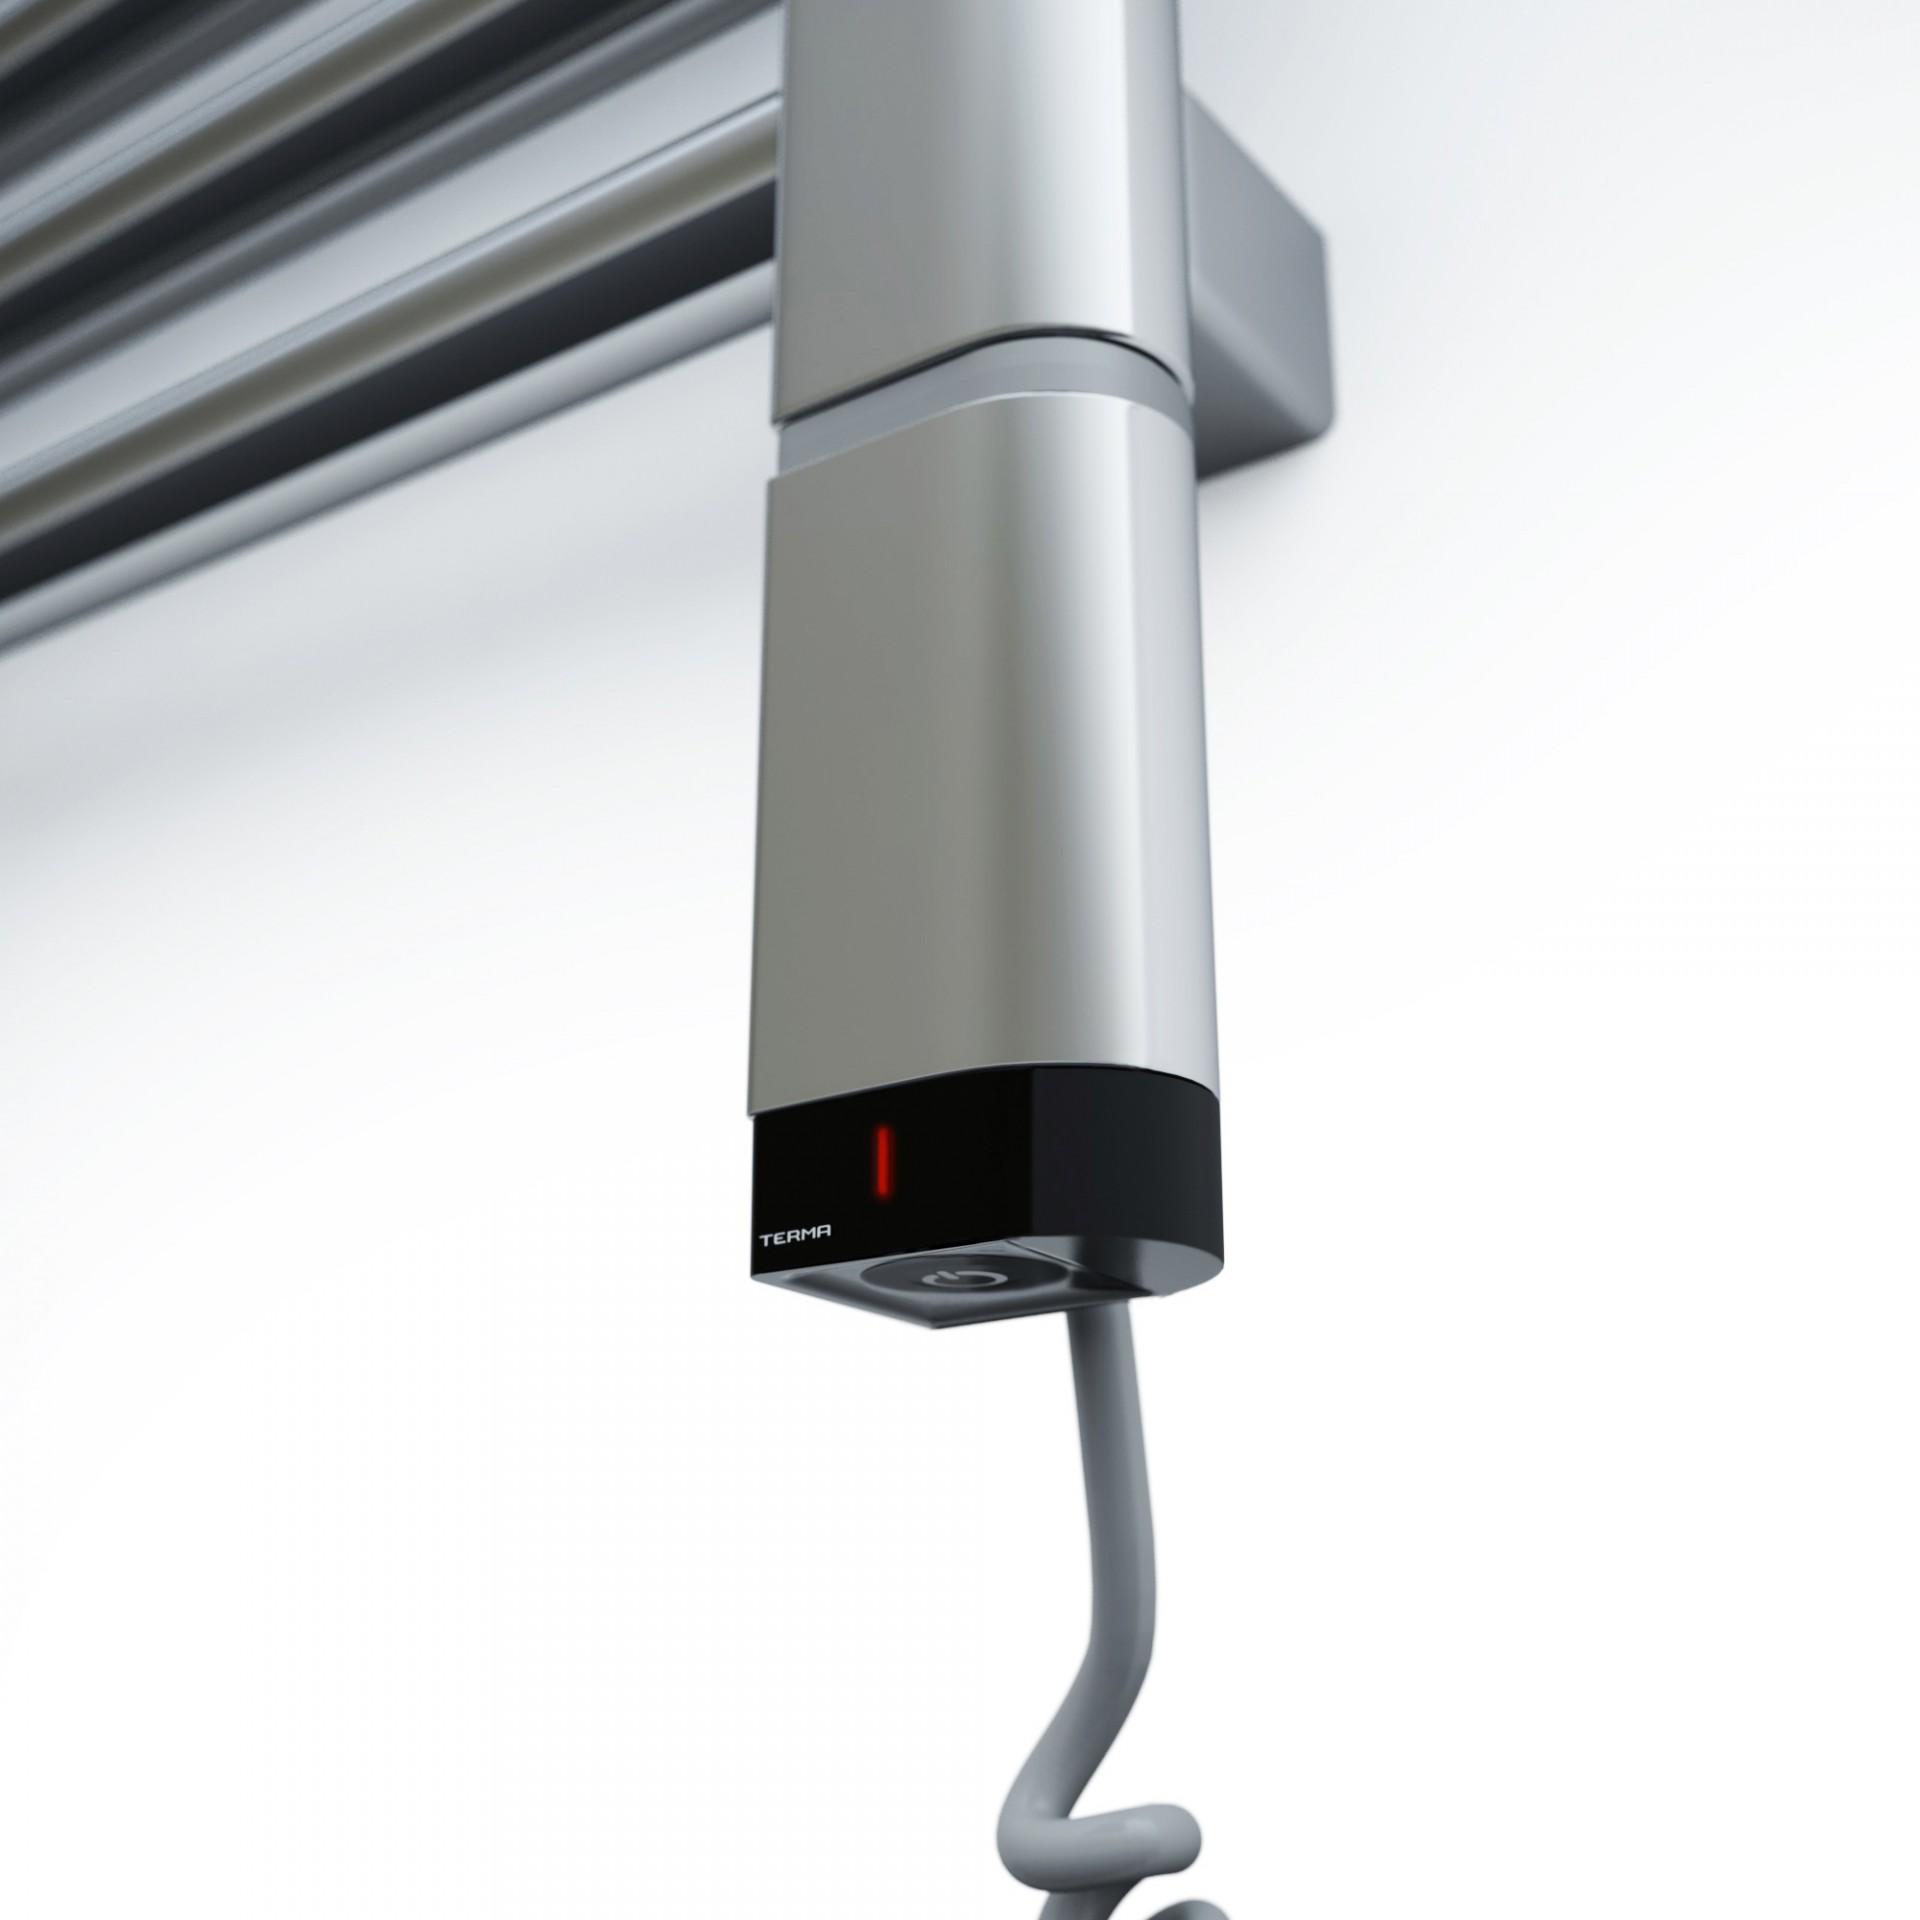 Θερμοστάτης & Θερμική Αντίσταση TERMA ONE D 30x40